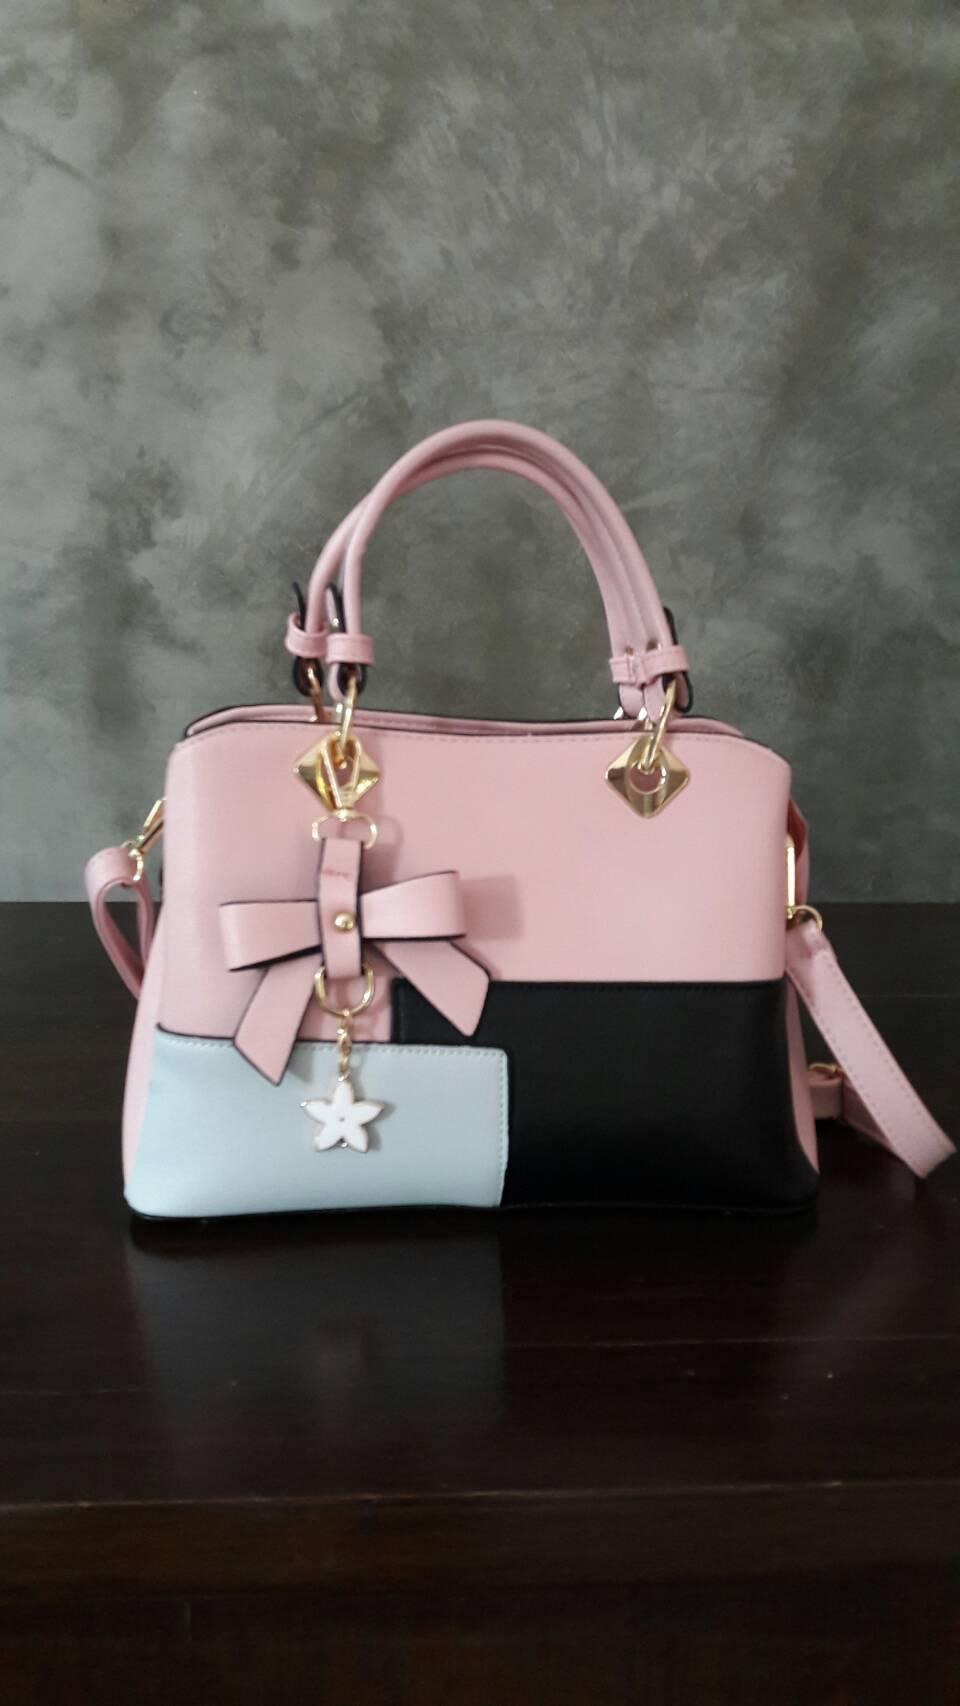 พร้อมส่ง กระเป๋าผู้หญิงถือเย็บสลับสี กระเป๋าผู้ใหญ่ถือออกงานแต่งโบว์ห้อย เย็บสลับสี รหัสYi-4217 สีชมพู 1 ใบ